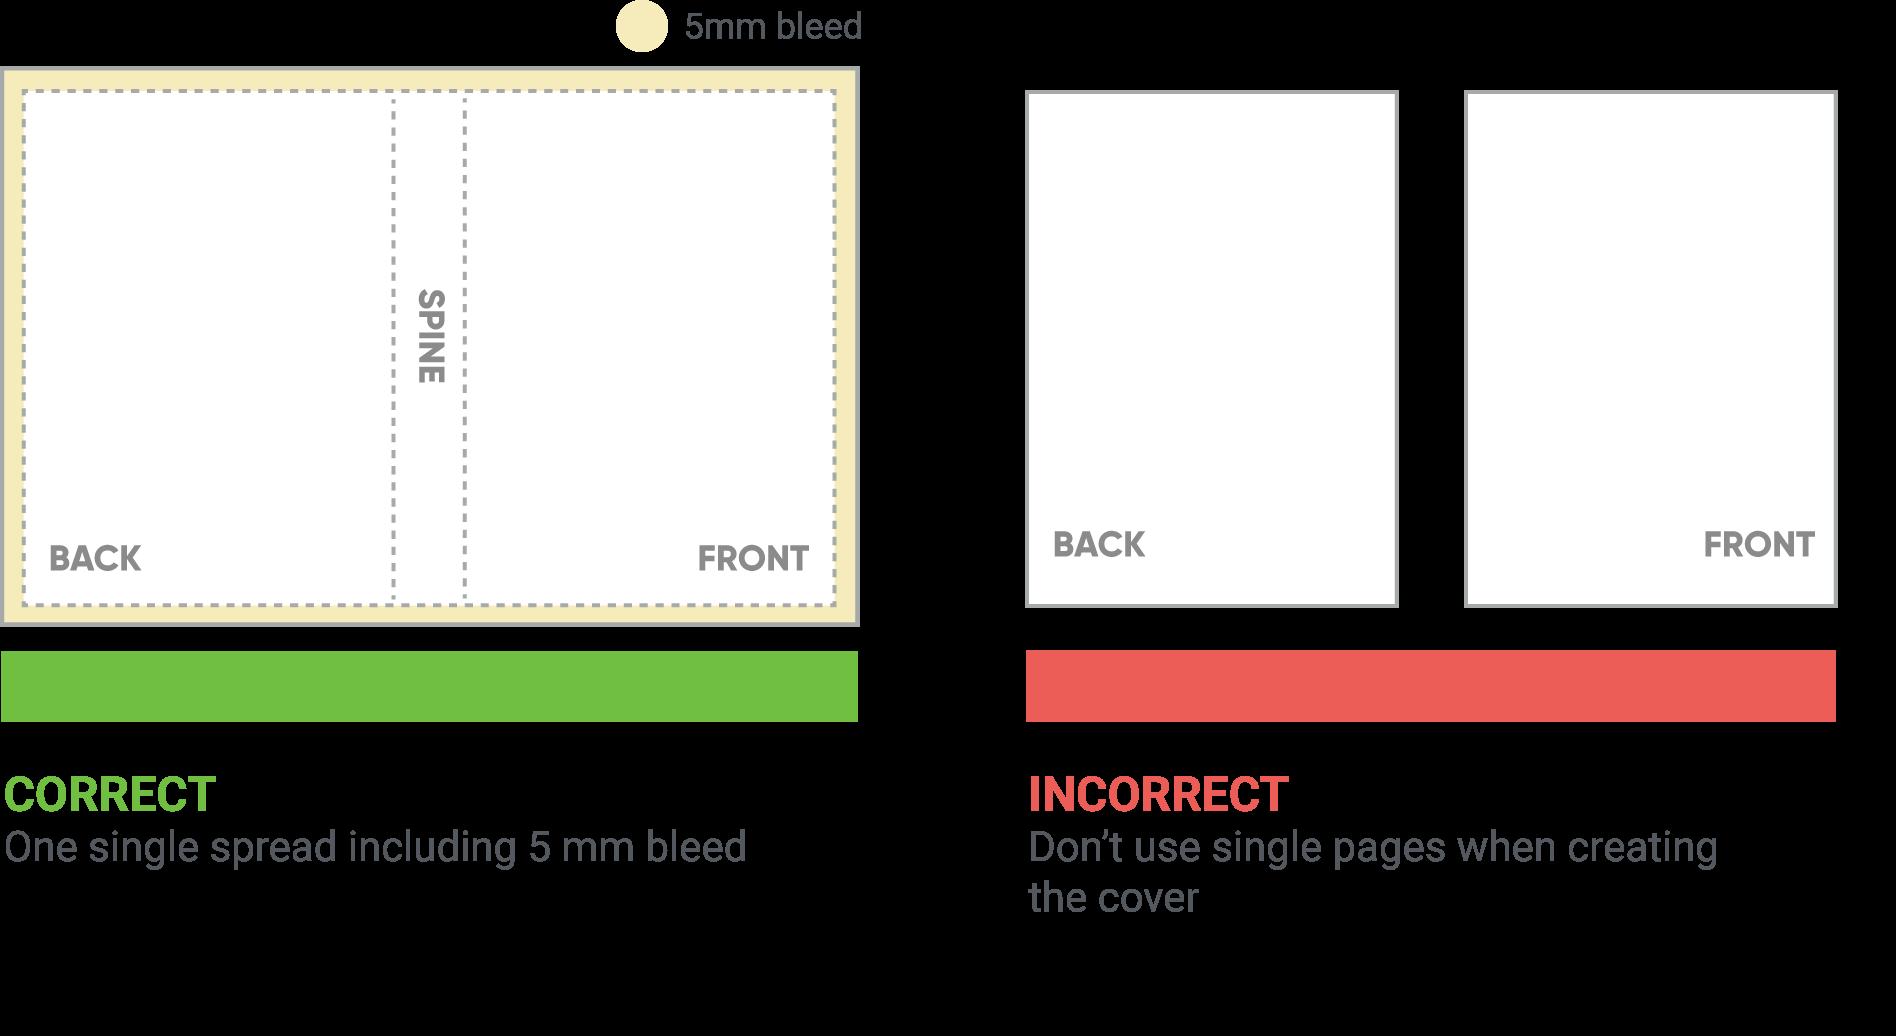 Publit - How Publit works